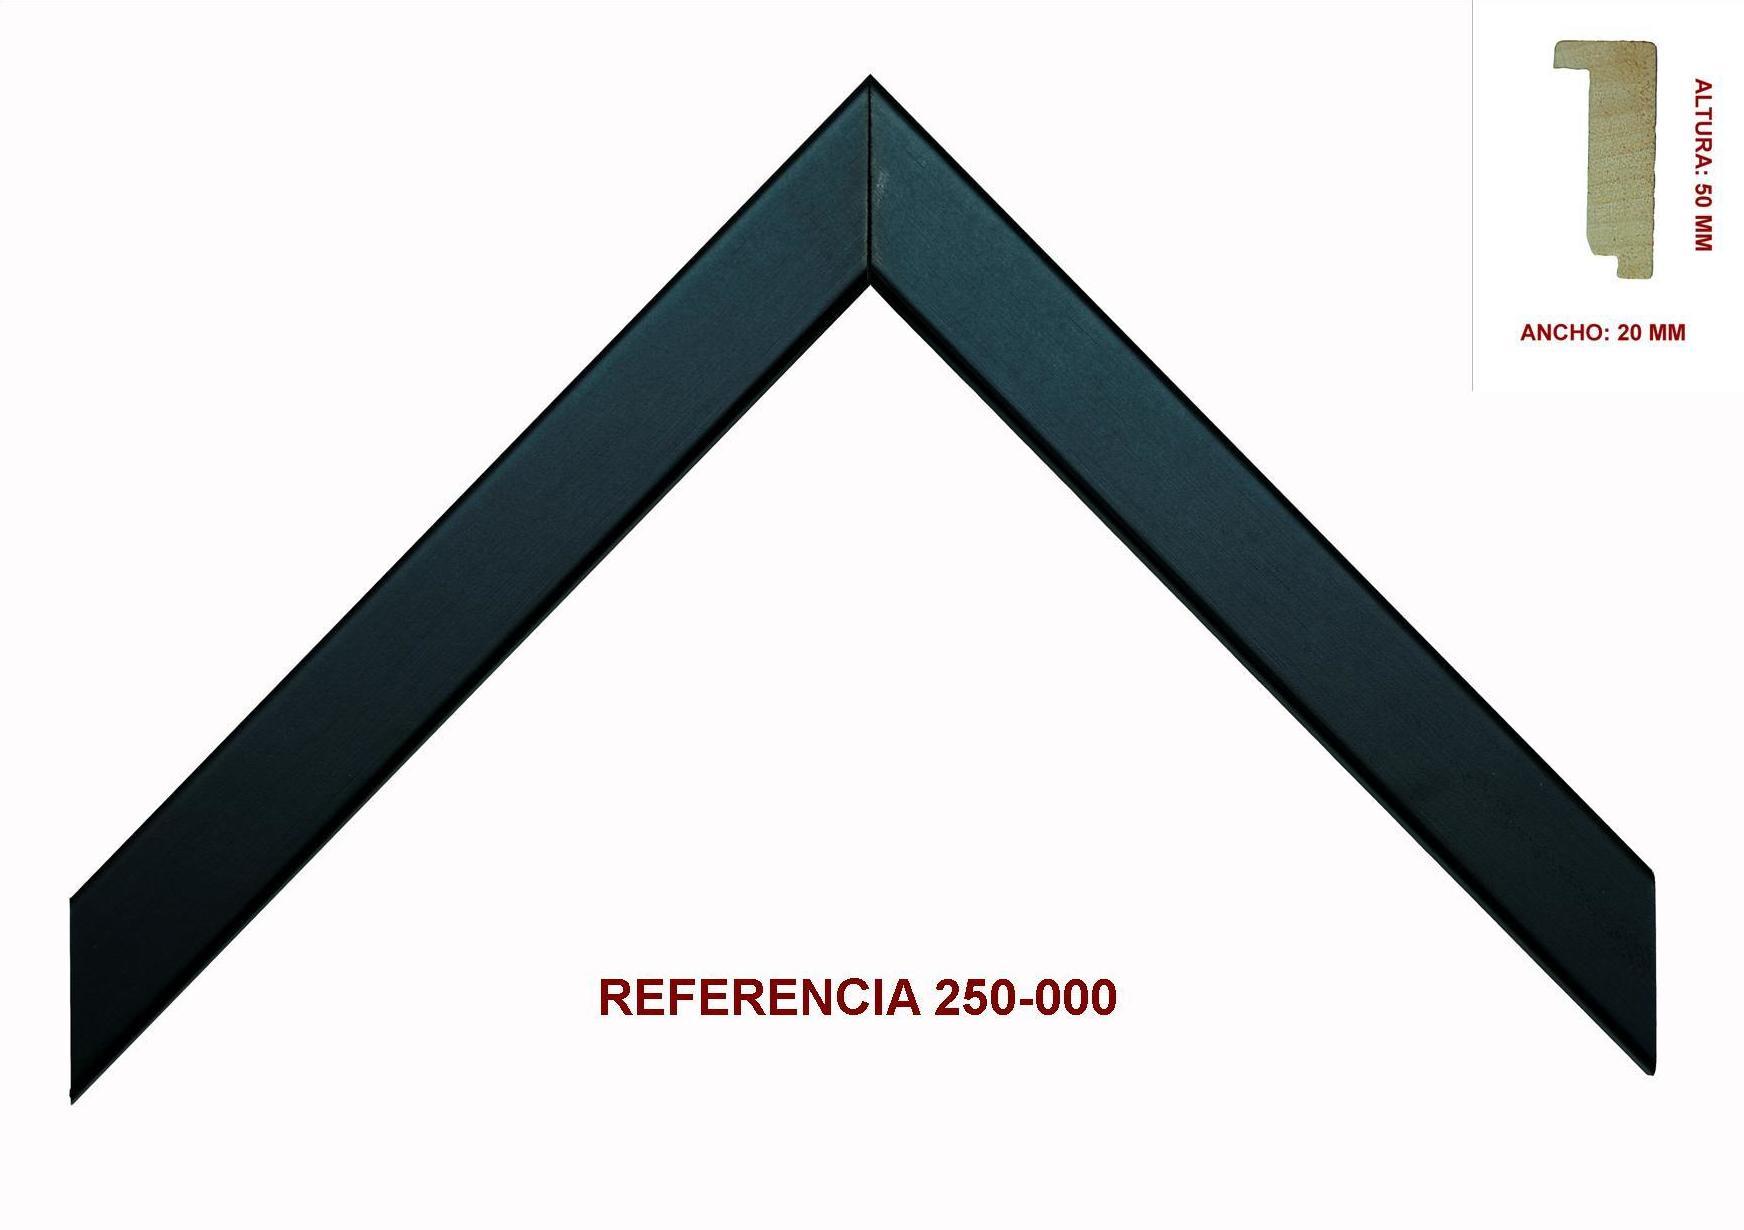 REF 250-000: Muestrario de Moldusevilla